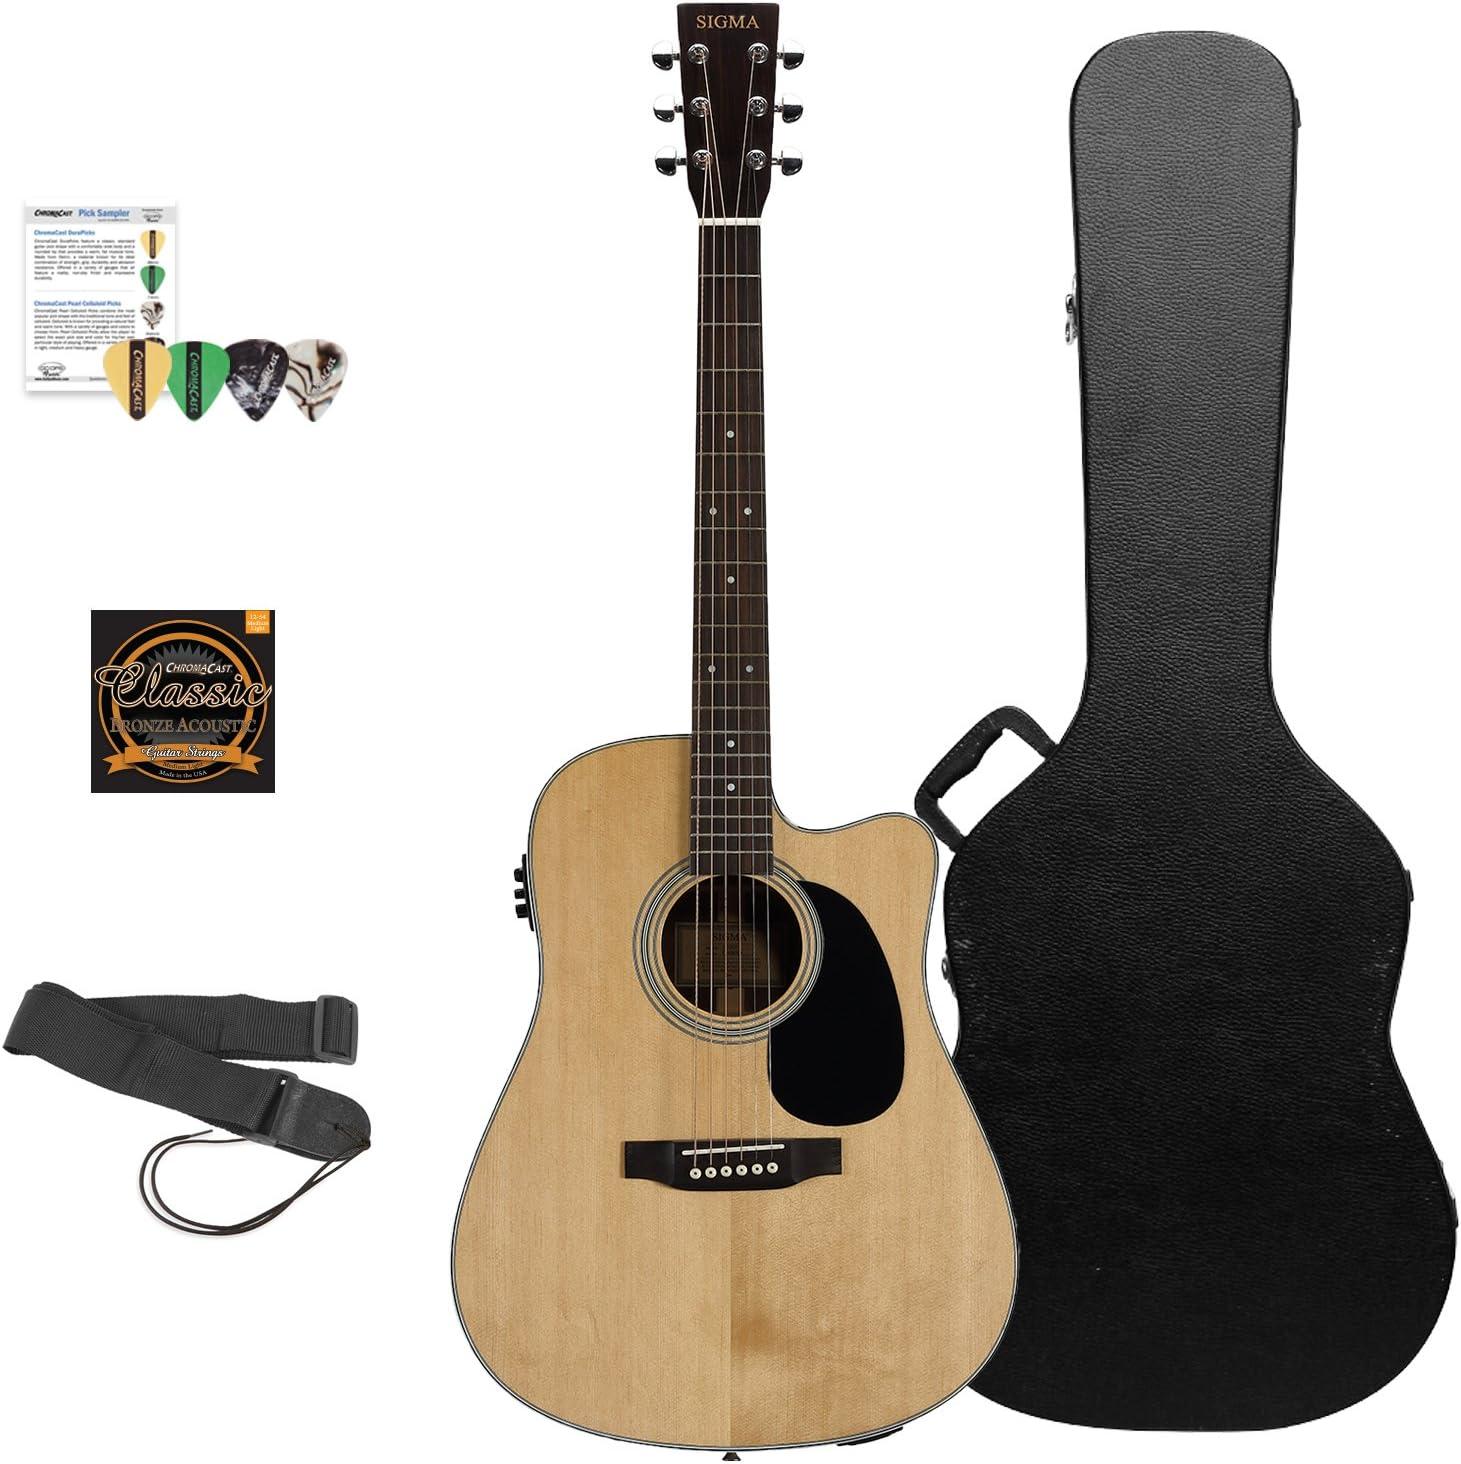 Sigma guitarras sd28ce-kit 3 guitarra electroacústica, Natural Kit ...